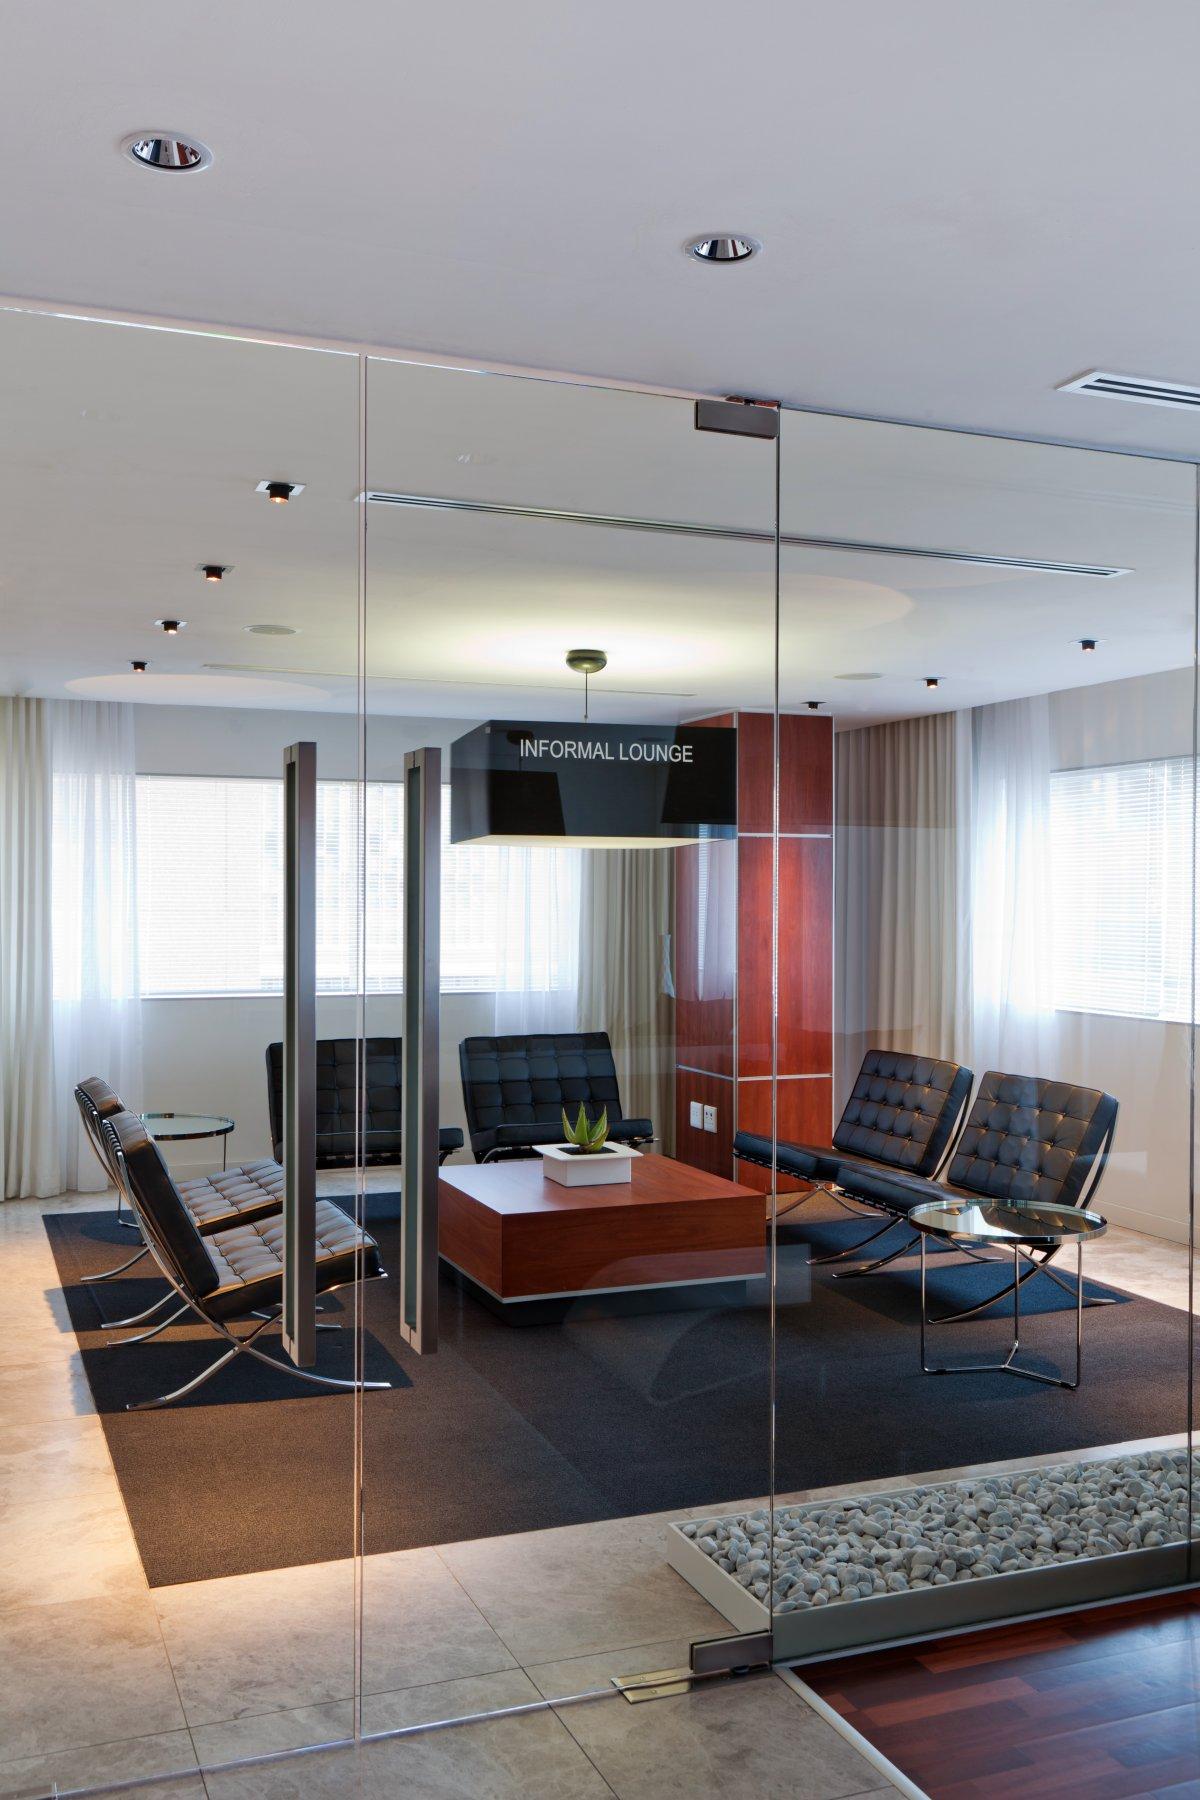 Deneys reitz office interior by collaboration karmatrendz for Top office interior design firms